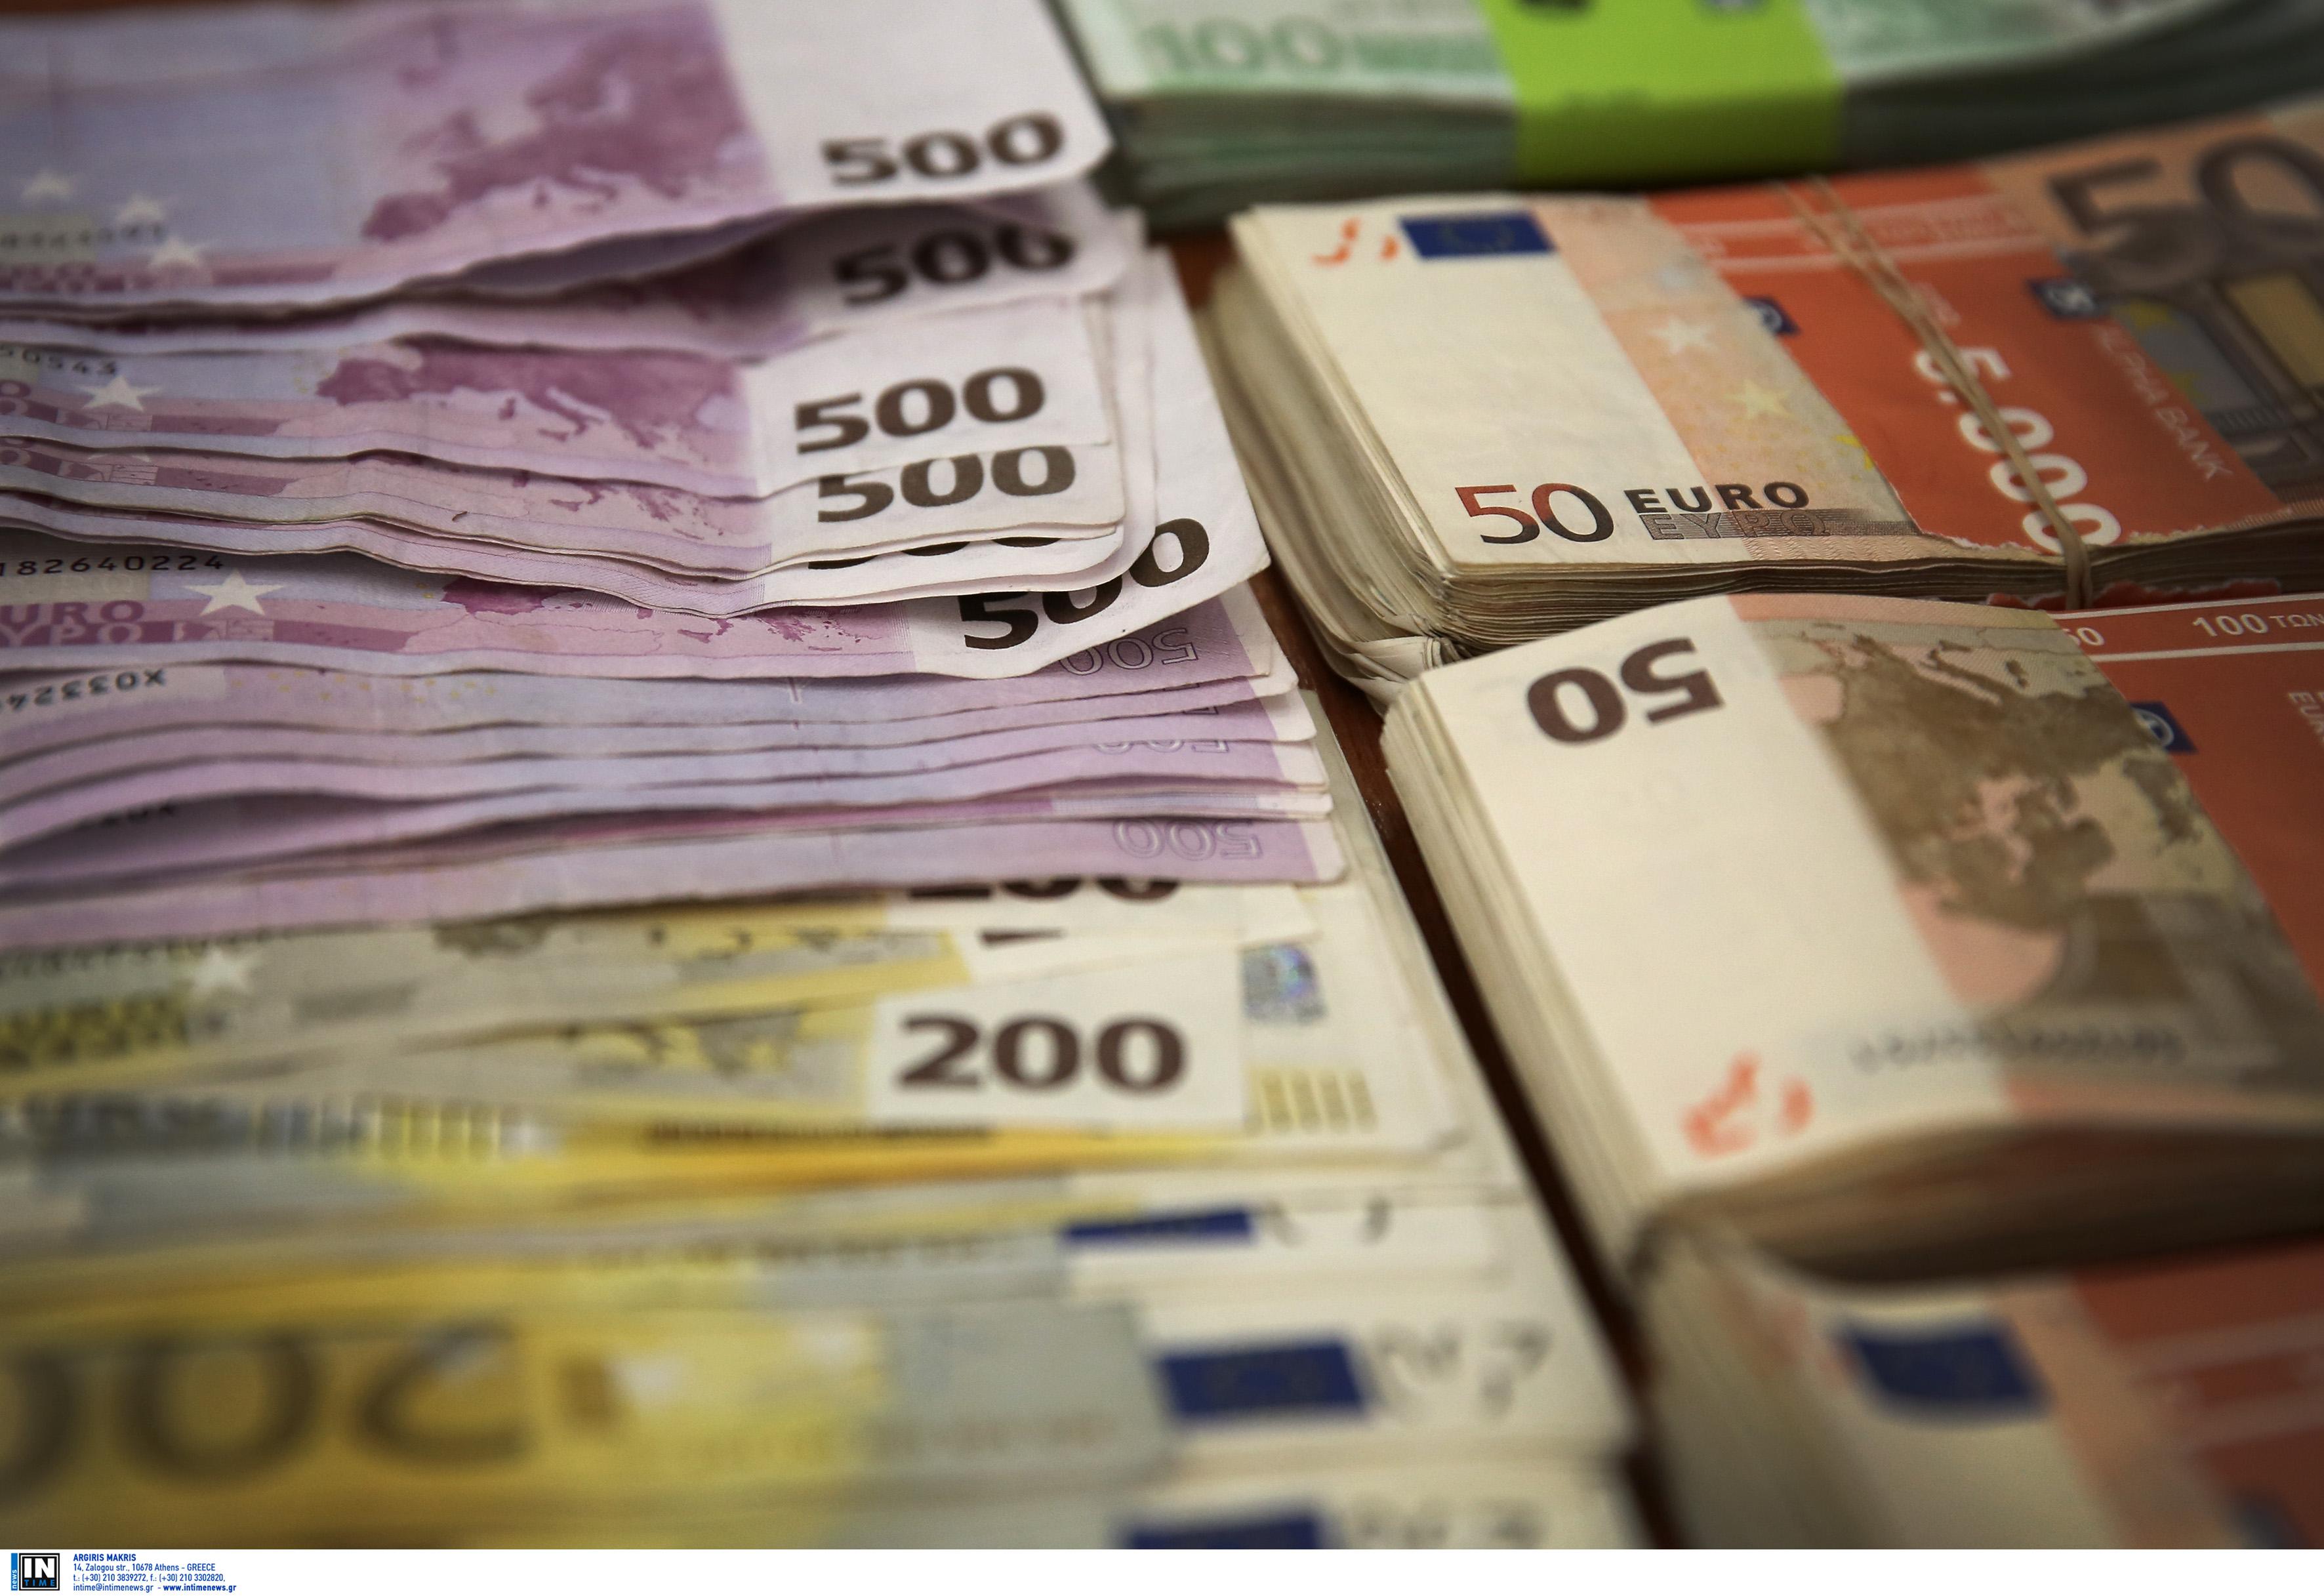 Ρεκόρ για το πρωτογενές πλεόνασμα το 2019! Έφτασε στα 5,5 δισ. ευρώ σύμφωνα με την ΤτΕ